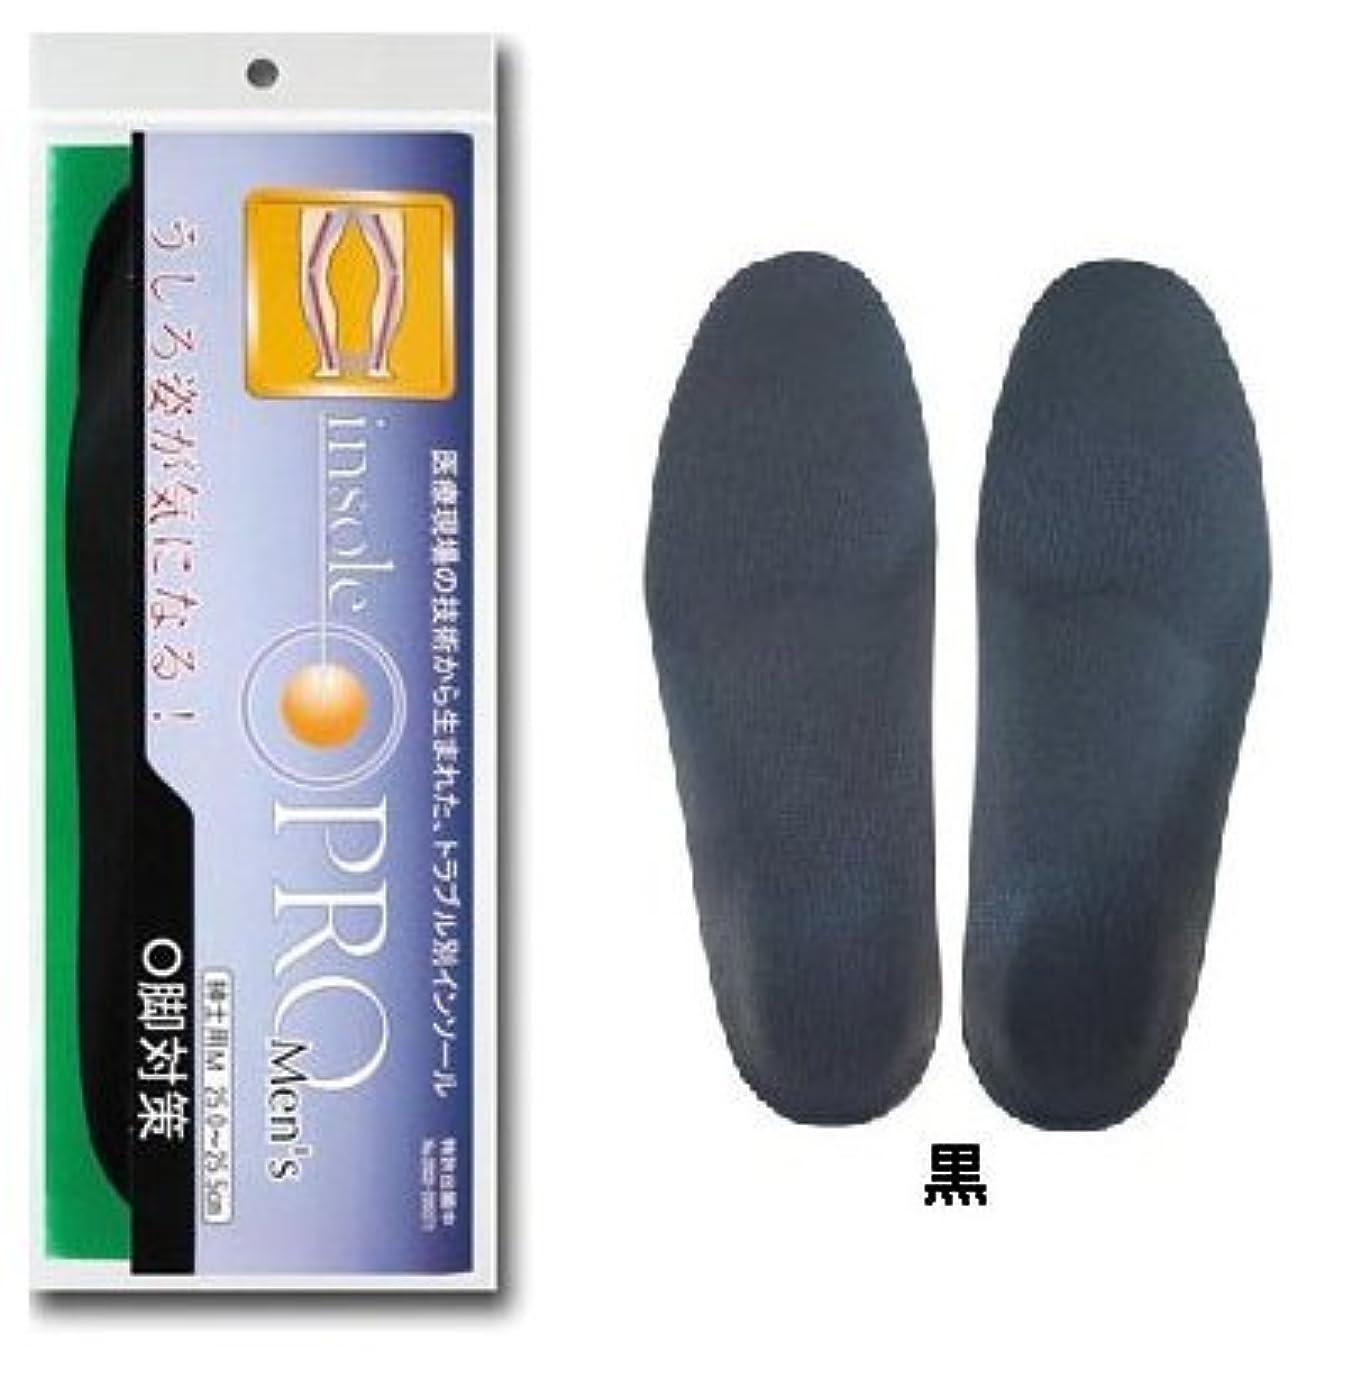 キリン高齢者スムーズにインソールプロ 「O脚対策」 (男性用 M 25.0~25.5cm)